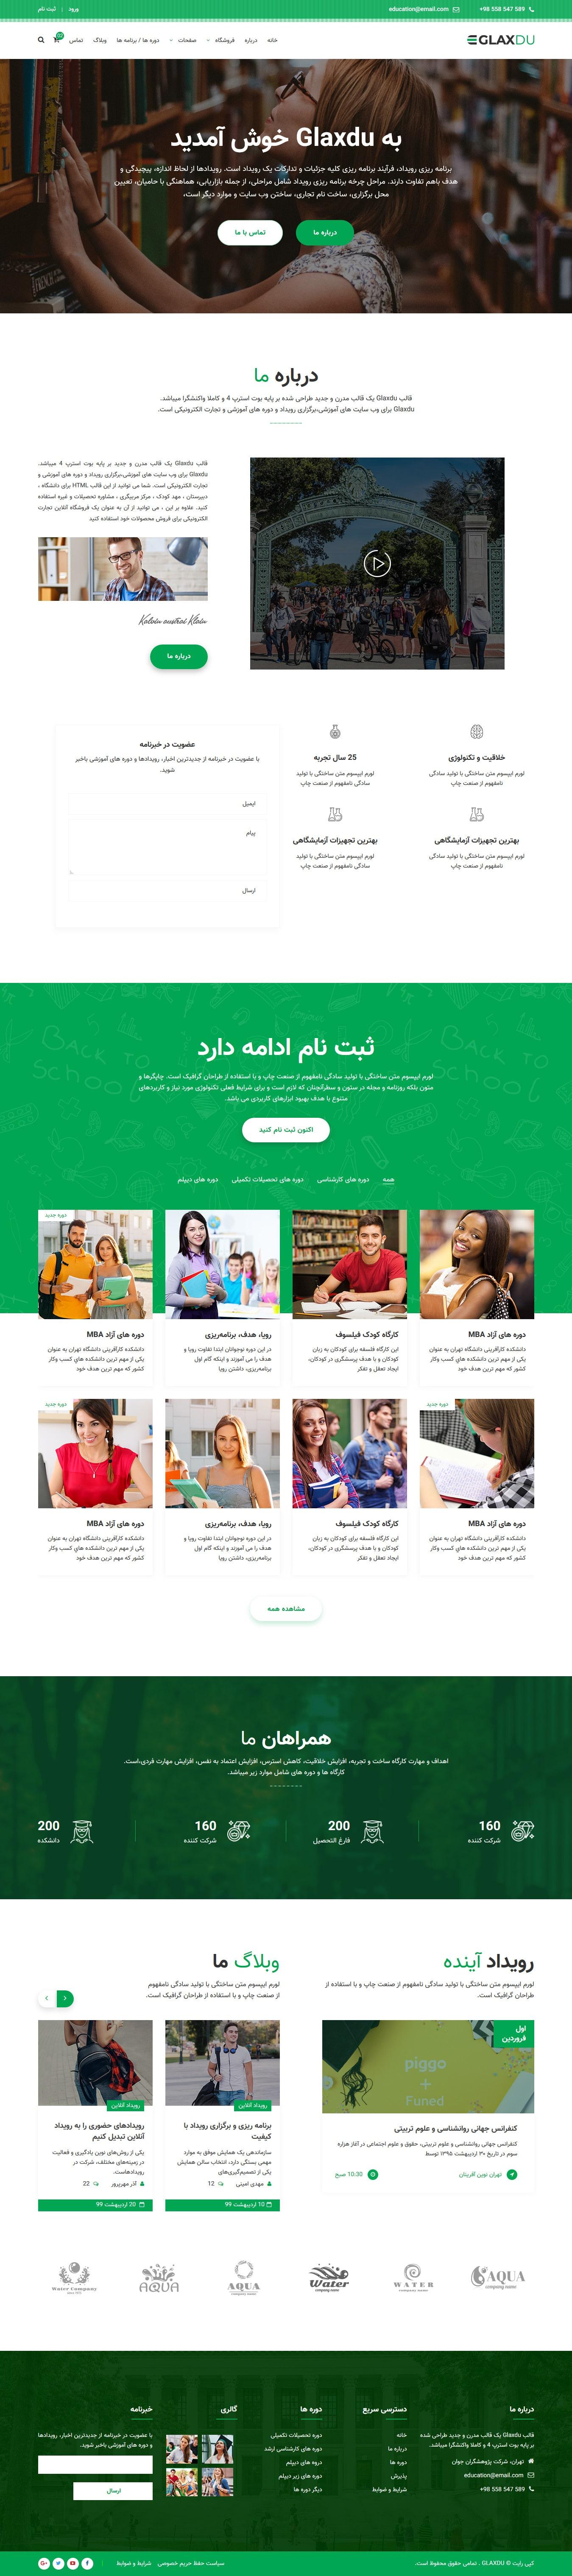 صفحه اصلی دوم قالب آموزشی HTML Glaxdu | قالب آموزشی گلکس دو